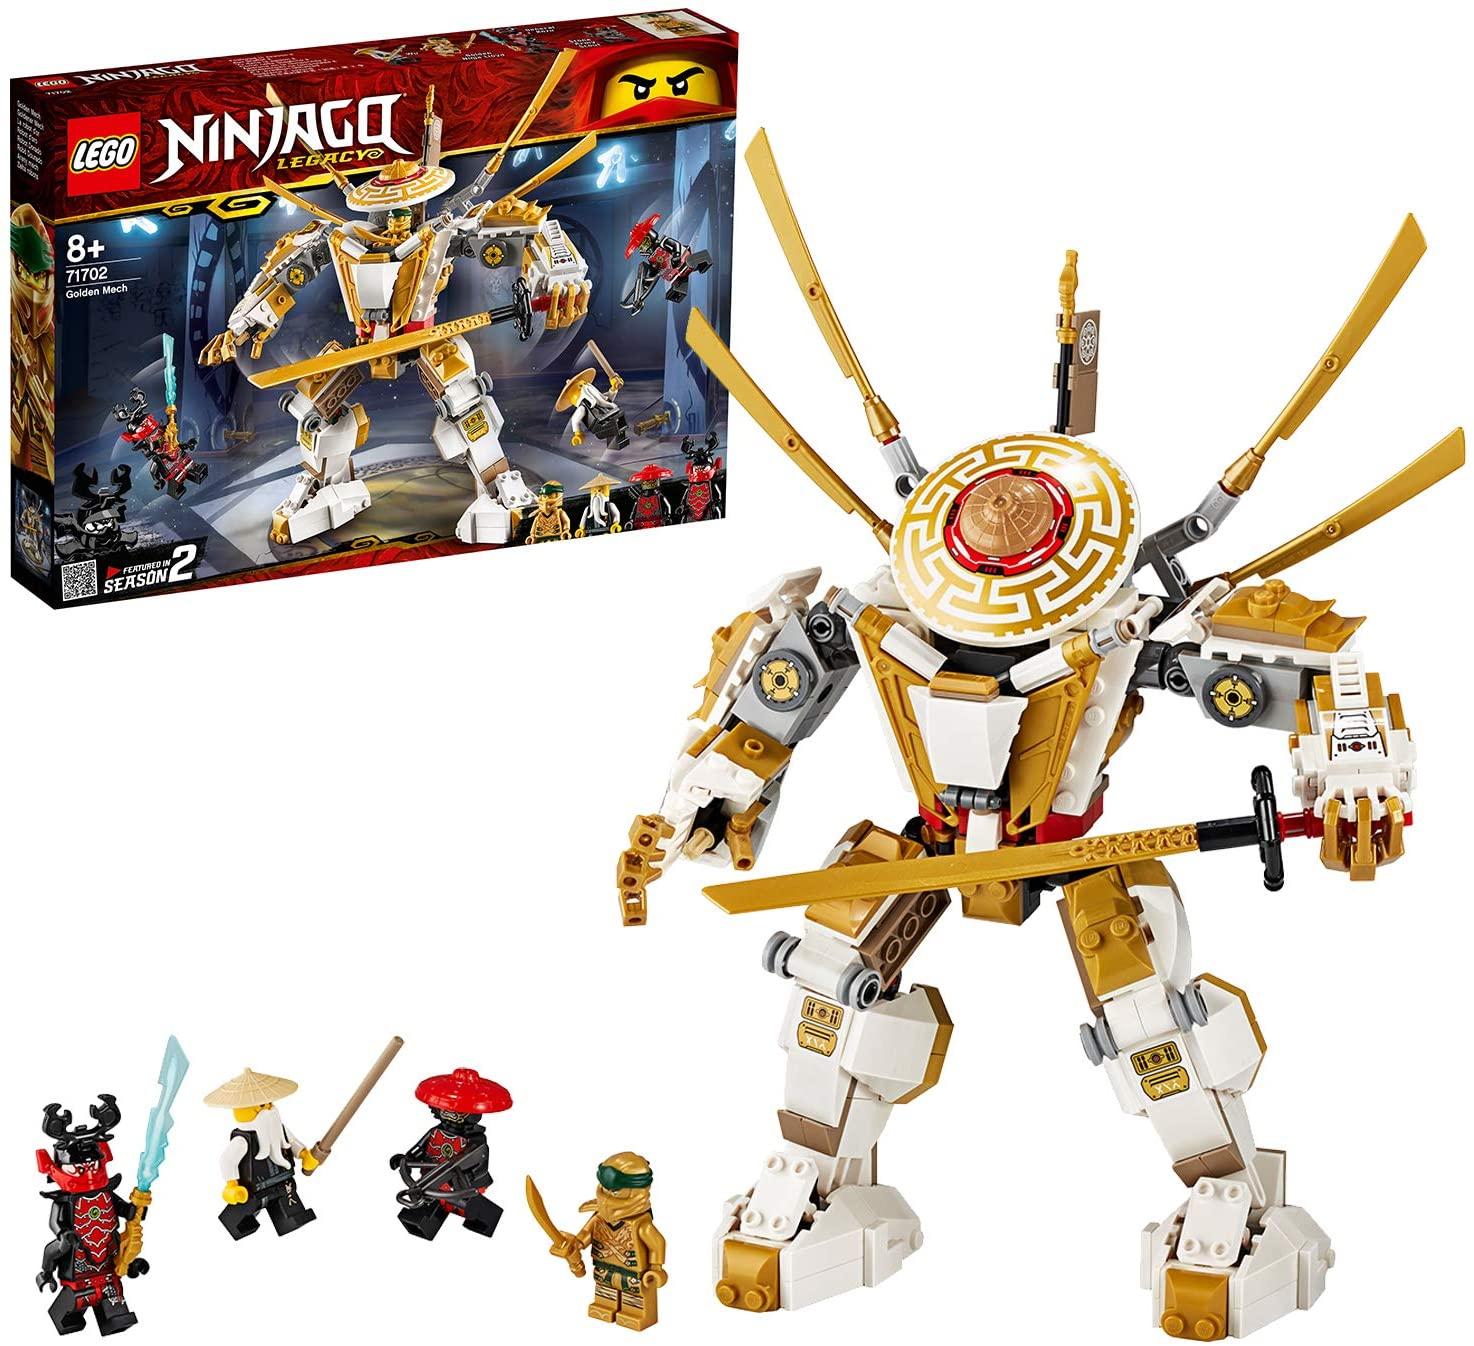 LEGO Ninjago 71702 Legacy Golden Mech - £26.33 @ Amazon